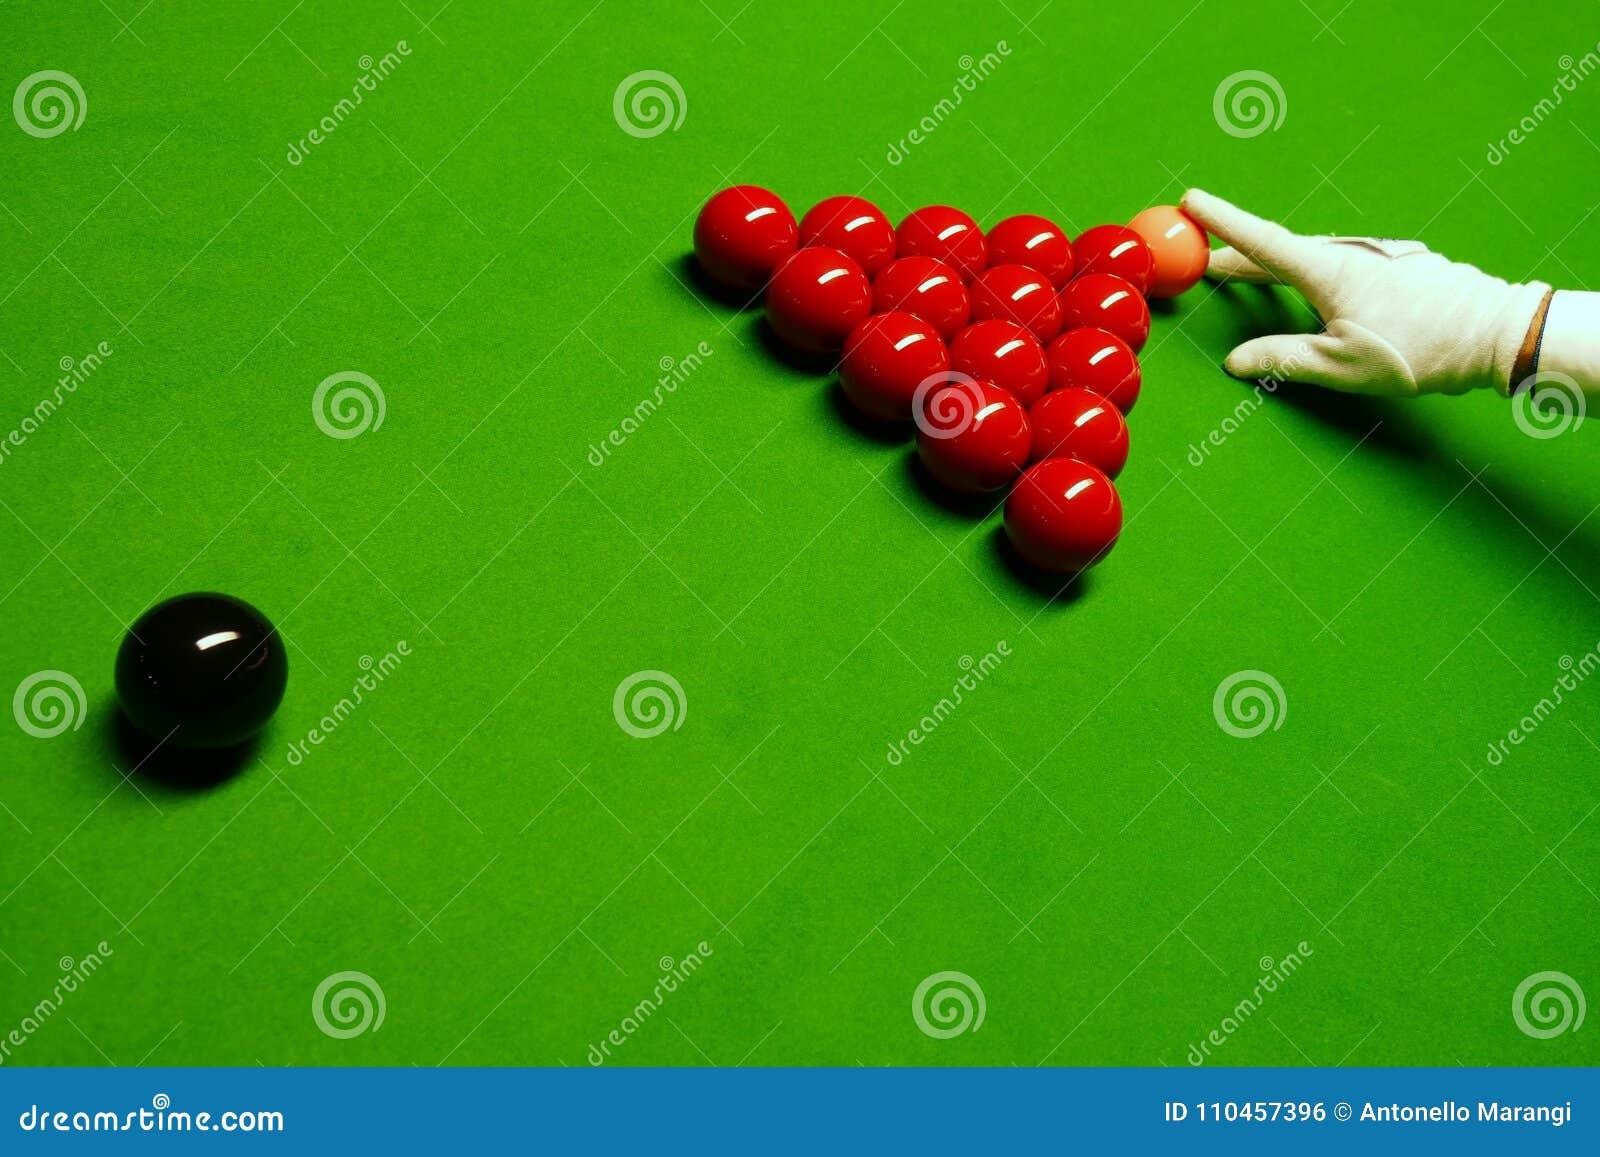 Snookertabell och bollar med domaren som ordnar bollarna